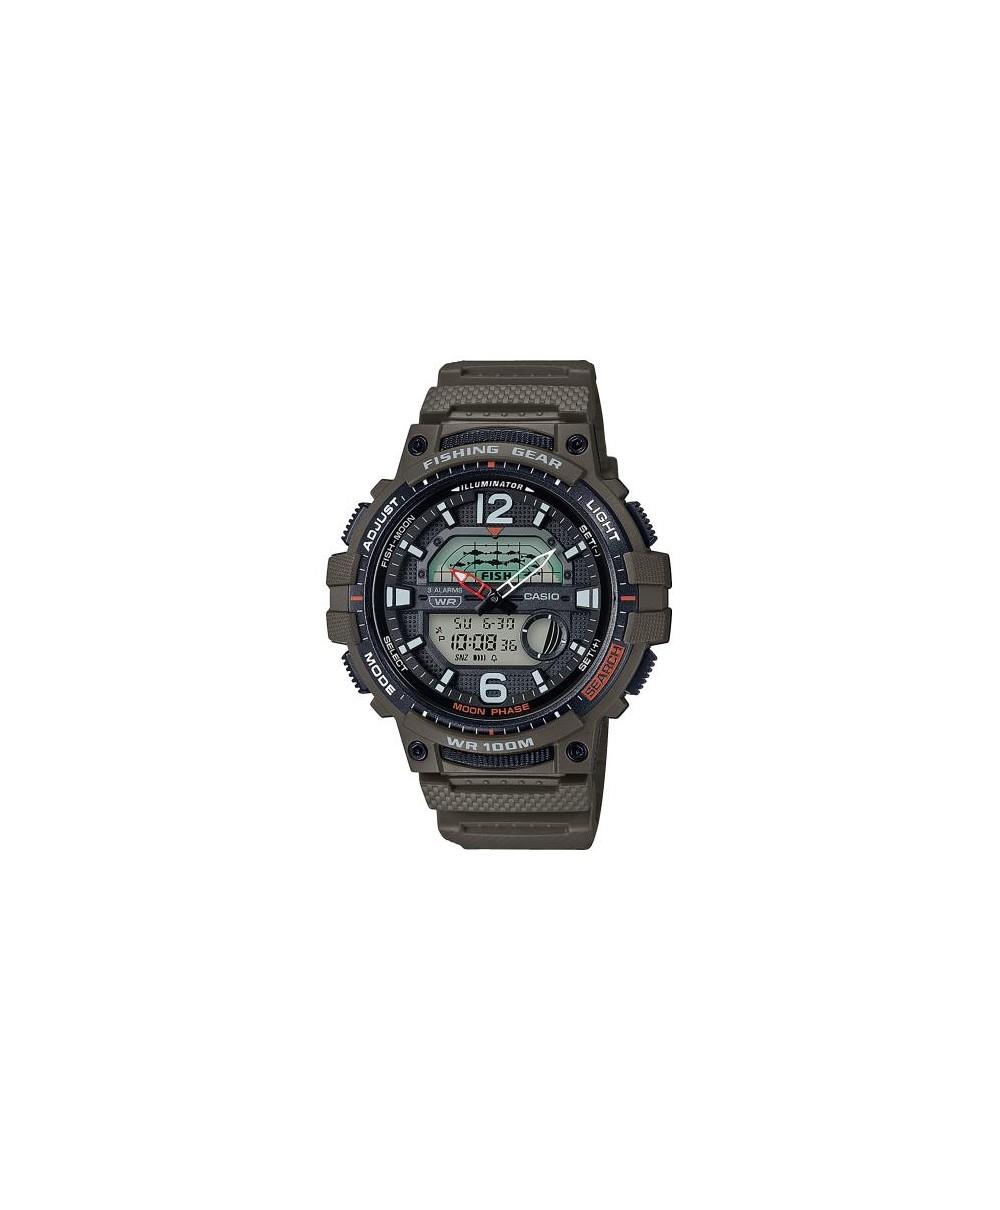 Reloj Casio WSC-1250H-3AVEF